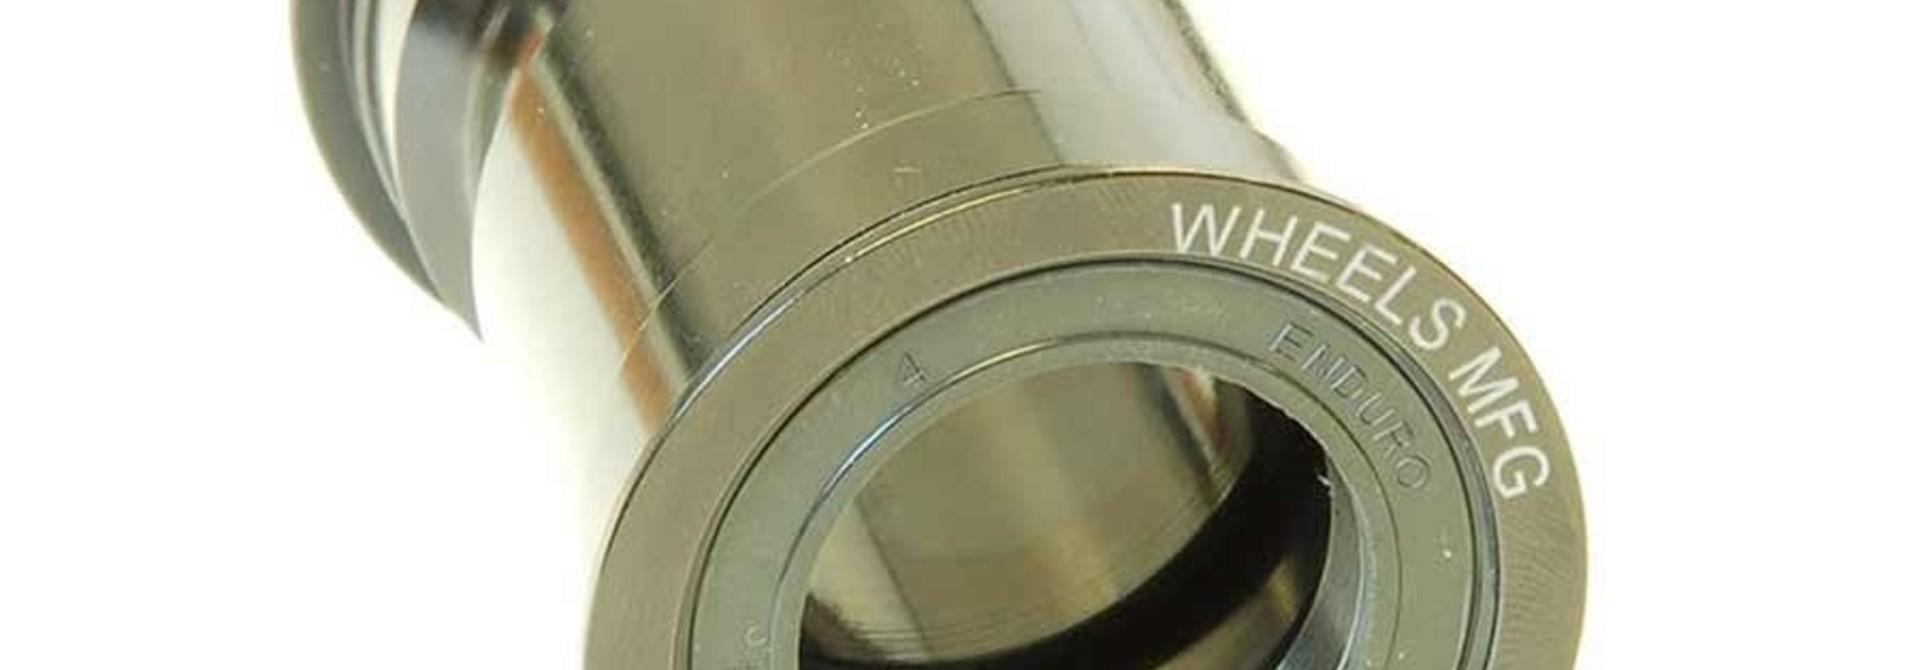 Wheels Manufacturing, Pressfit 30 bottom bracket, 68/73mm, 46mm, 30mm, Steel, Black, PF30-BB